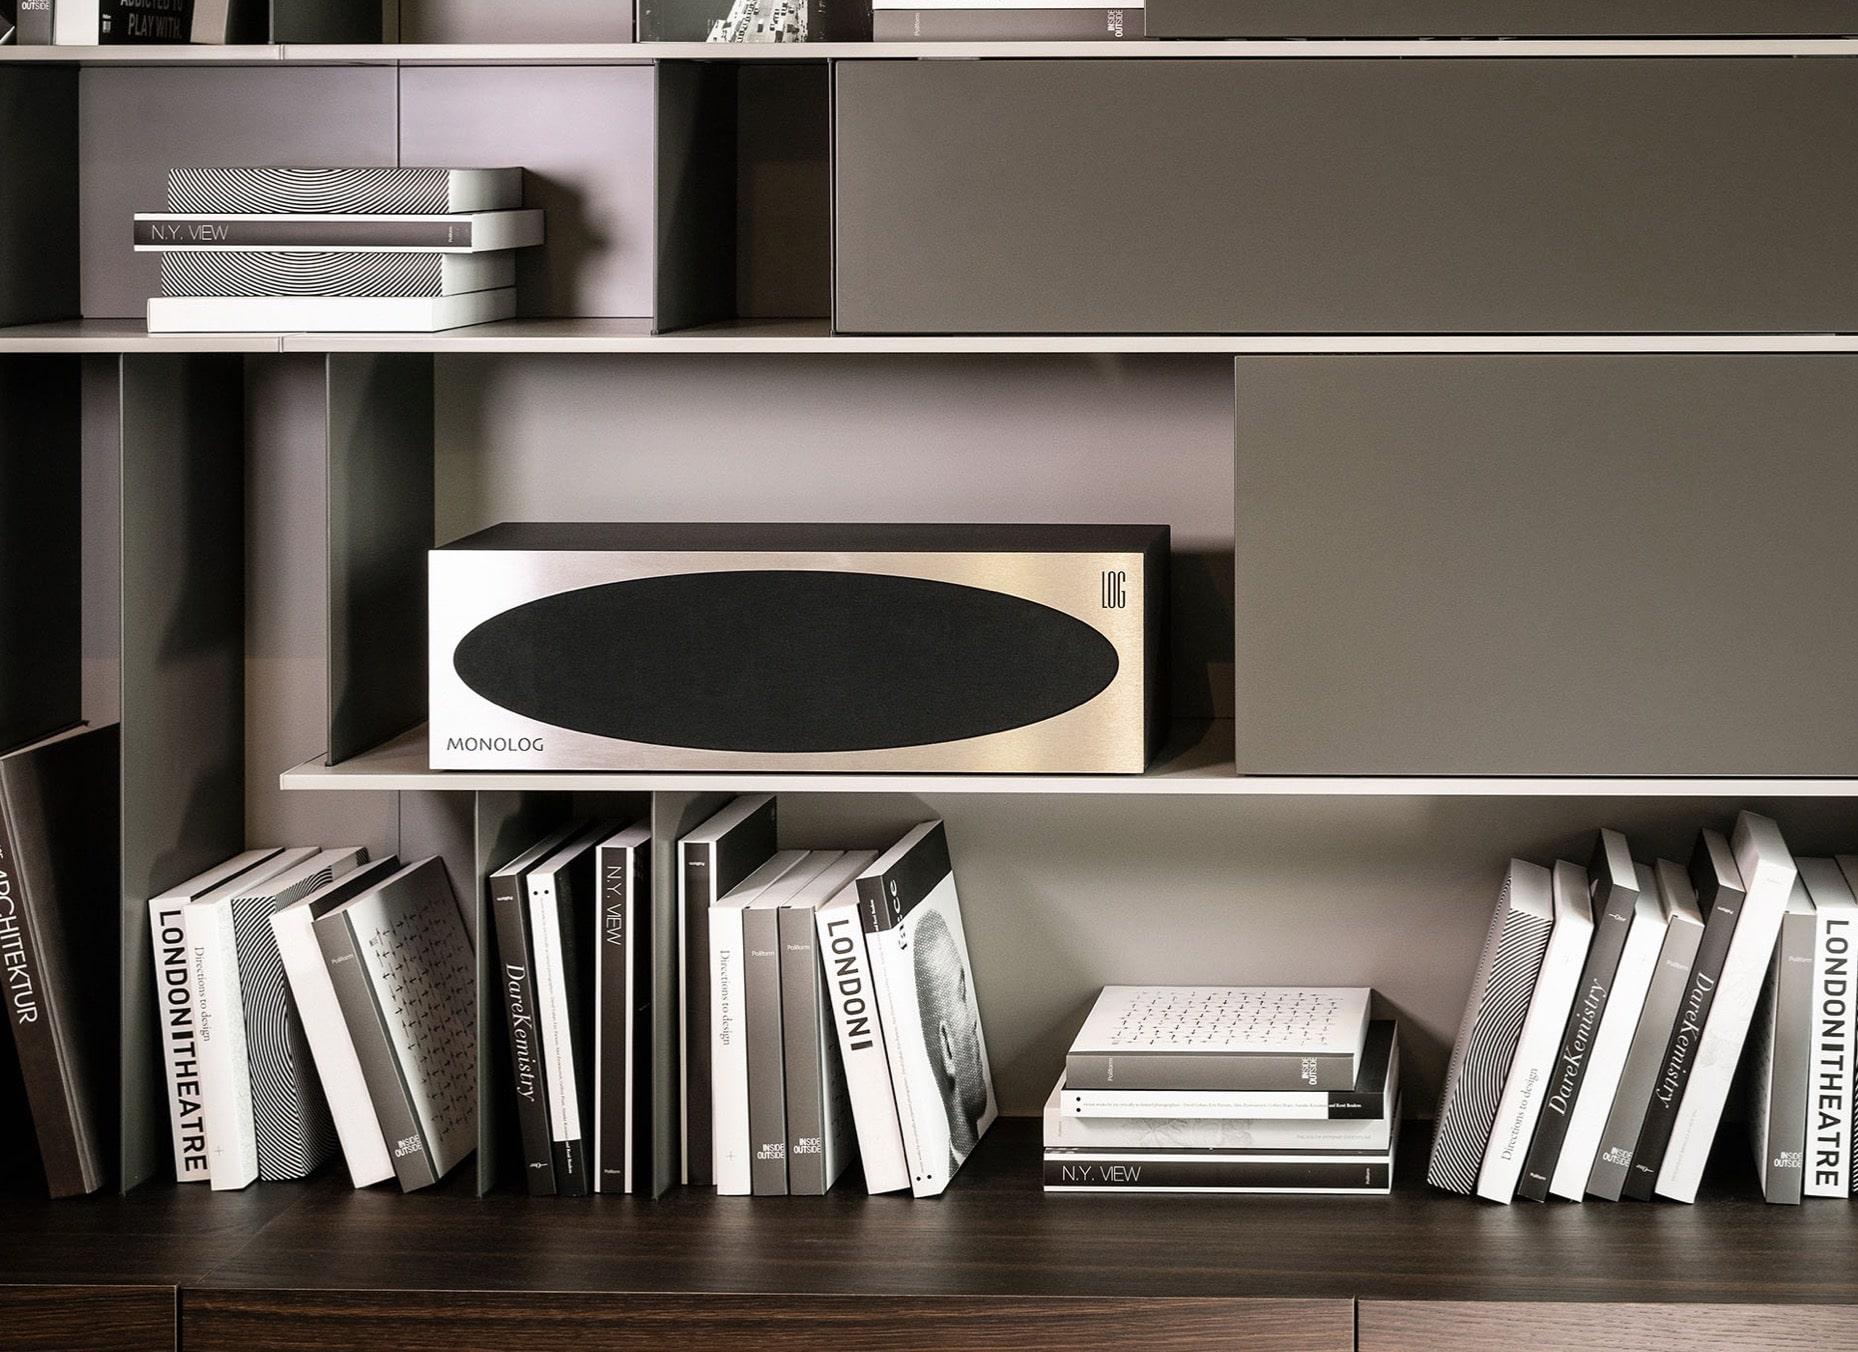 Mono active speakers from Log Audio